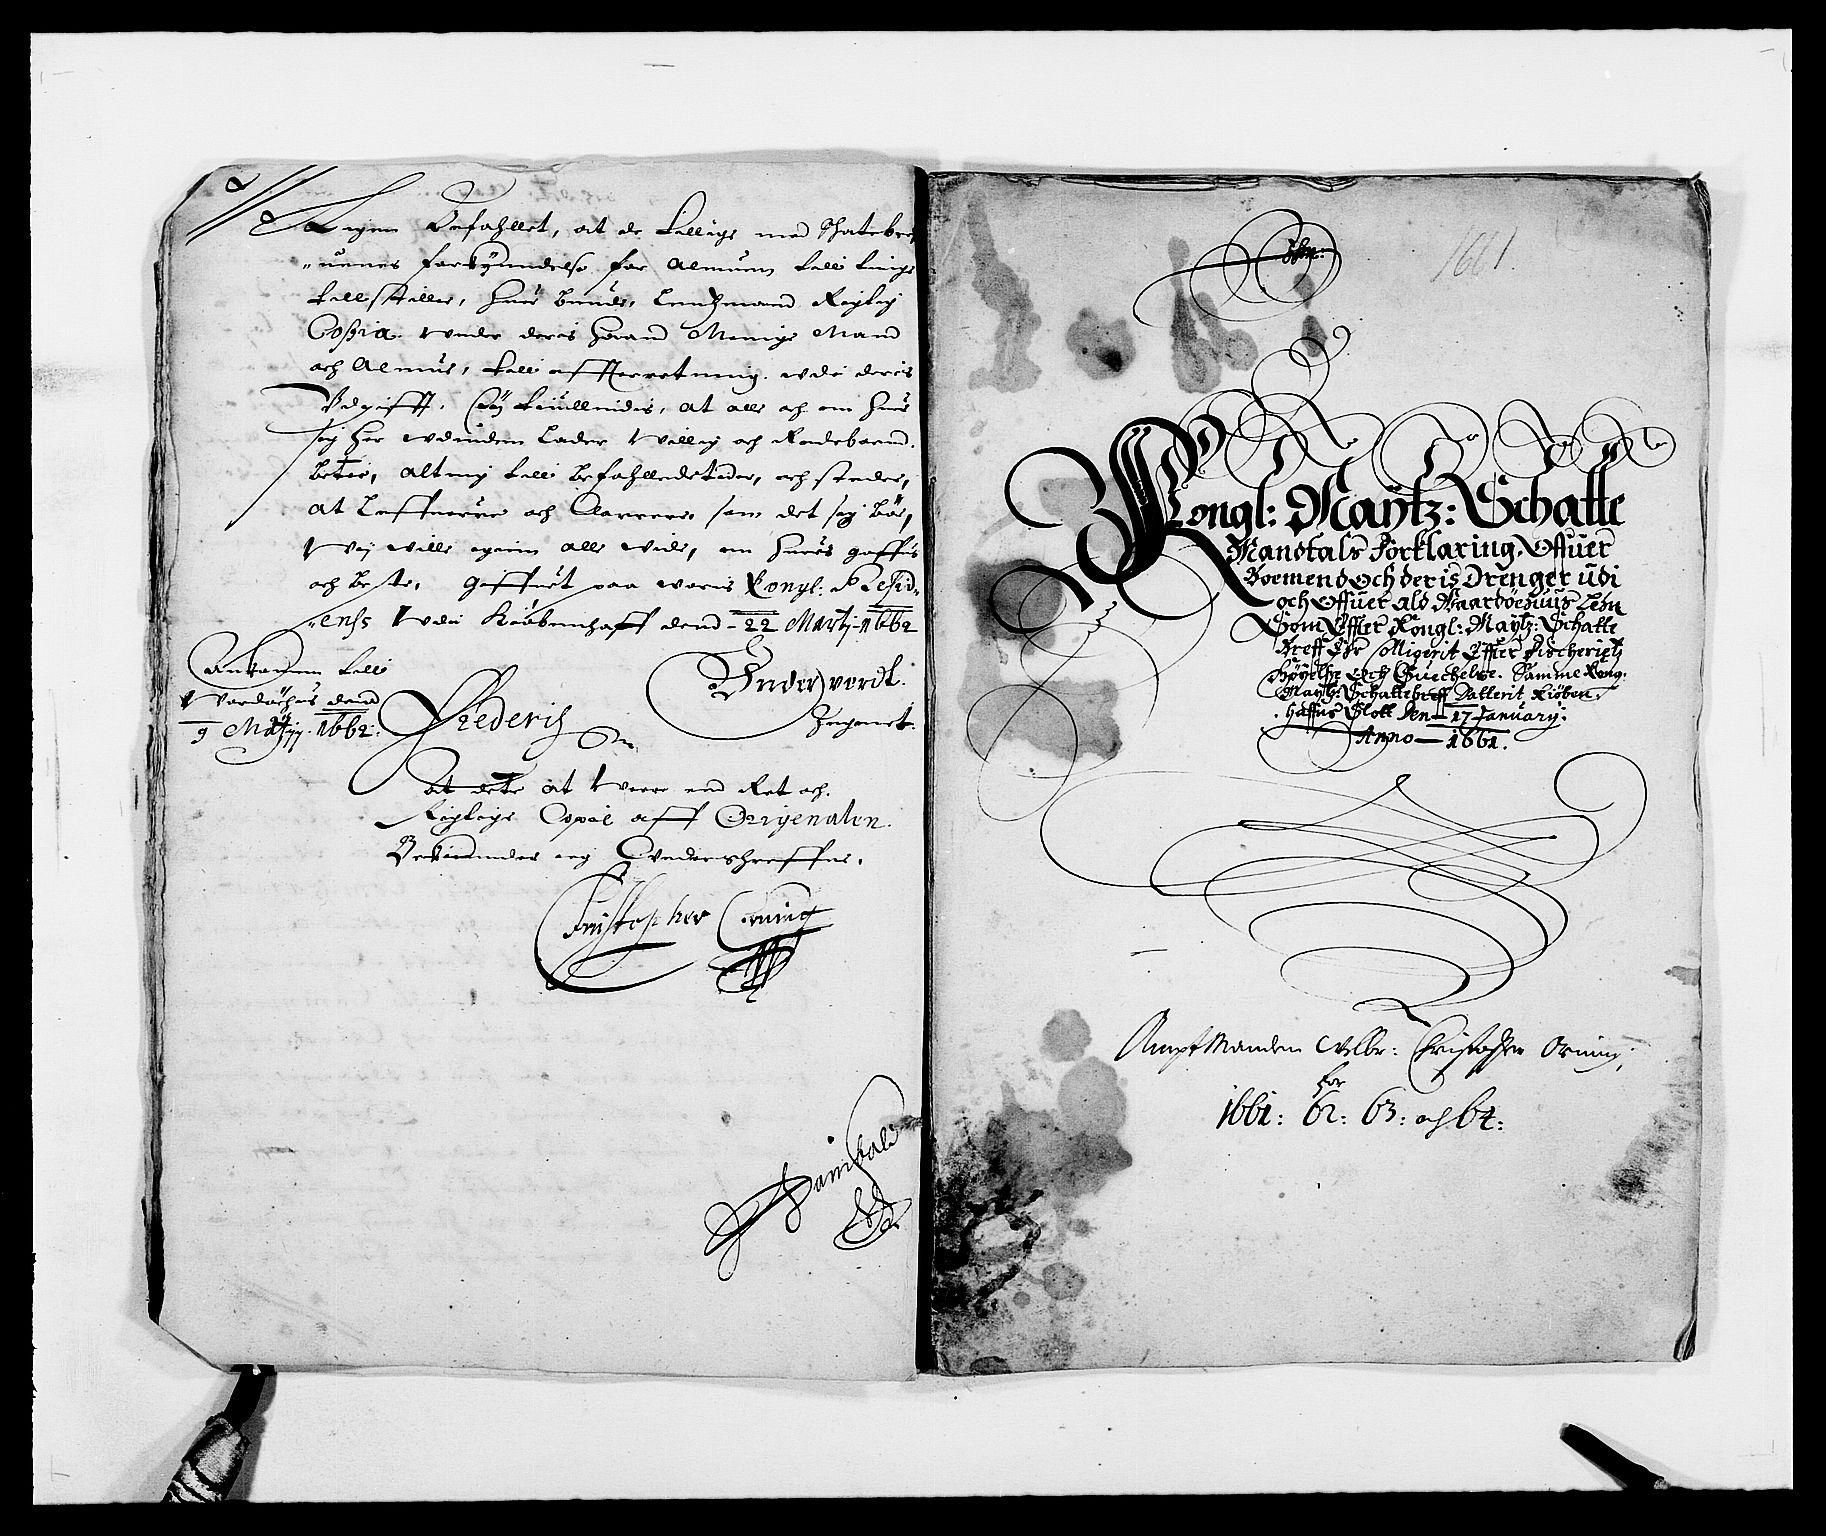 RA, Rentekammeret inntil 1814, Reviderte regnskaper, Fogderegnskap, R69/L4849: Fogderegnskap Finnmark/Vardøhus, 1661-1679, s. 10